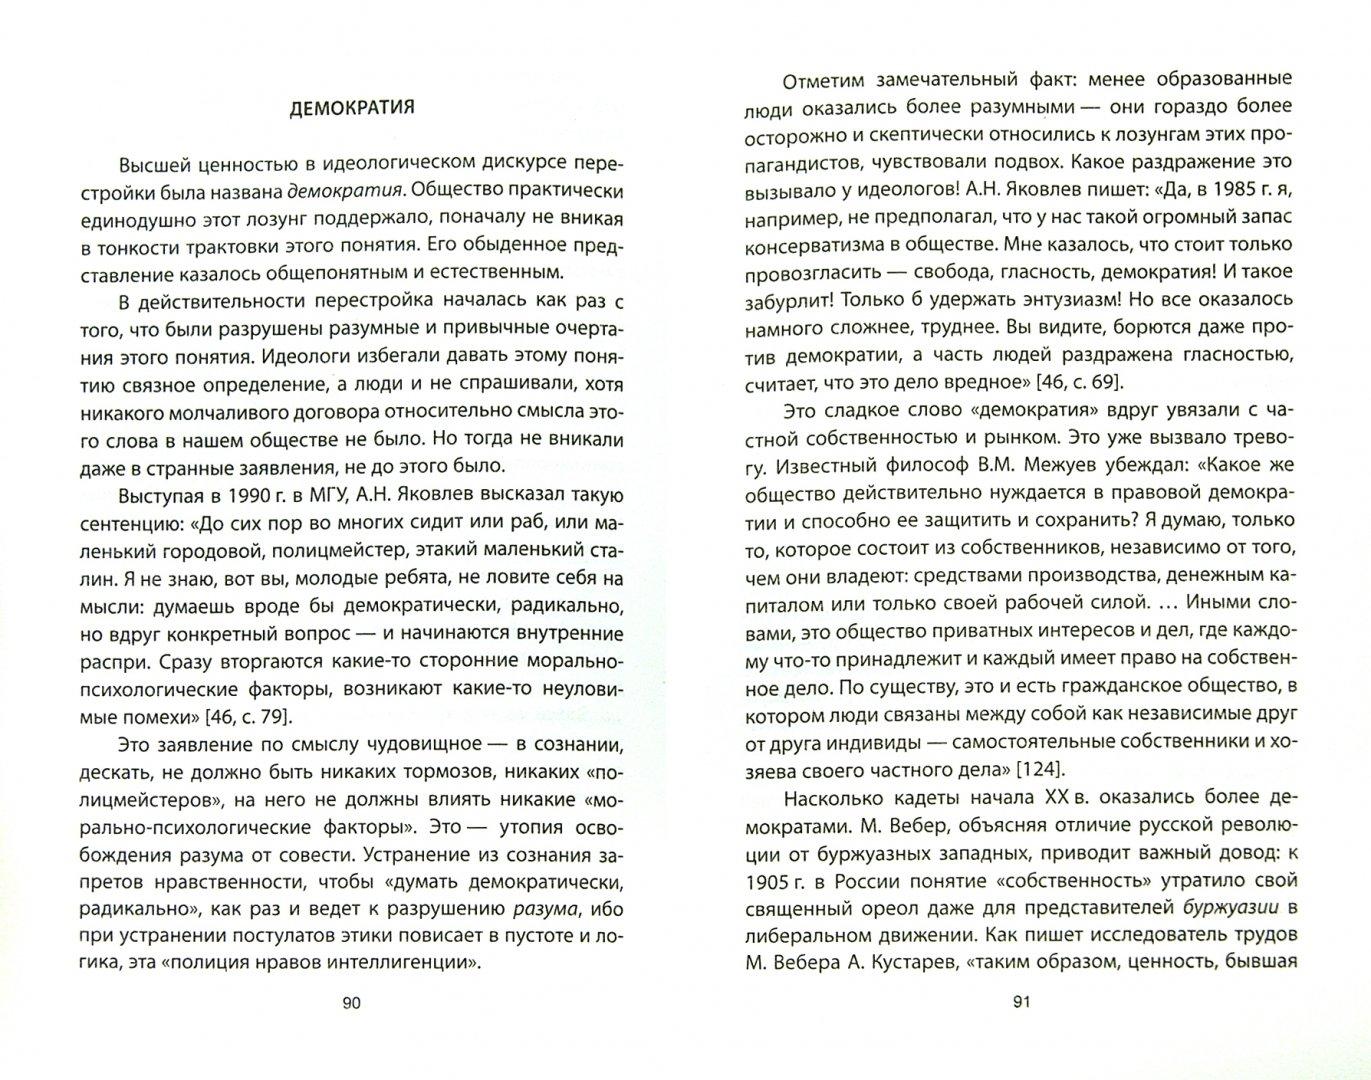 Иллюстрация 1 из 8 для Русский путь. Вектор, программа, враги - Сергей Кара-Мурза   Лабиринт - книги. Источник: Лабиринт